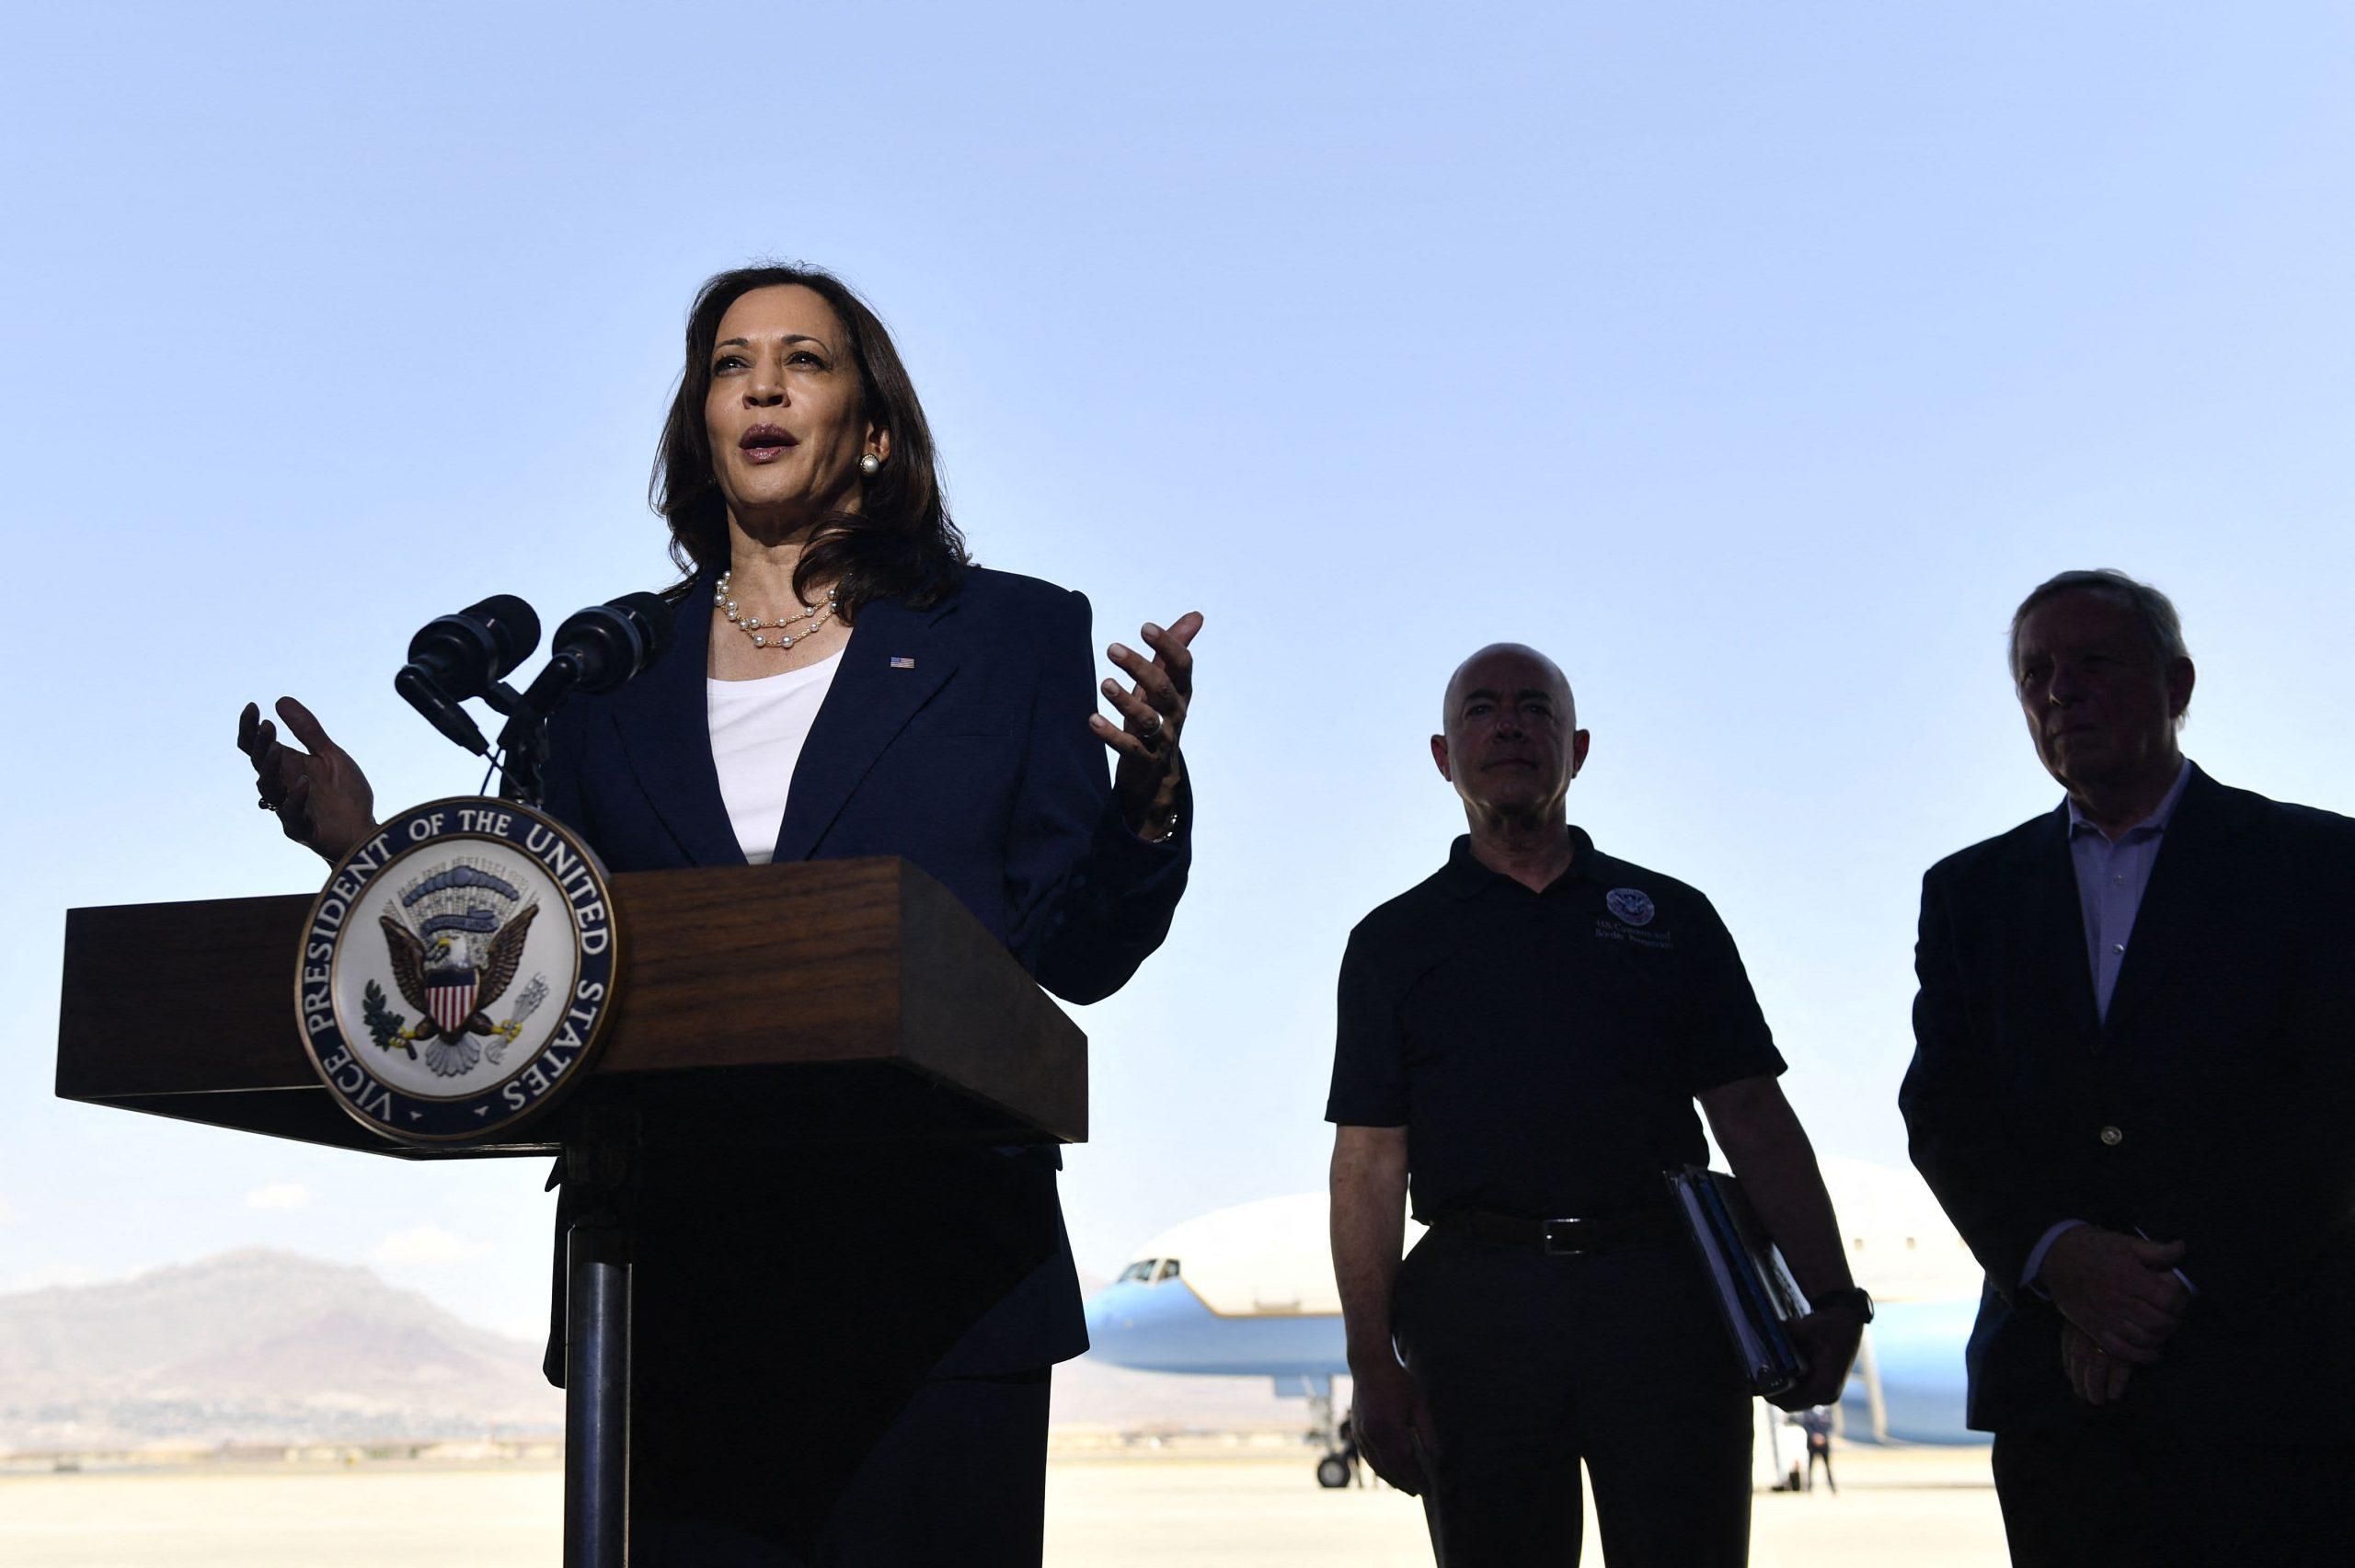 La vicepresidenta Kamala Harris visita la frontera entre Estados Unidos y México mientras continúa la crisis migratoria